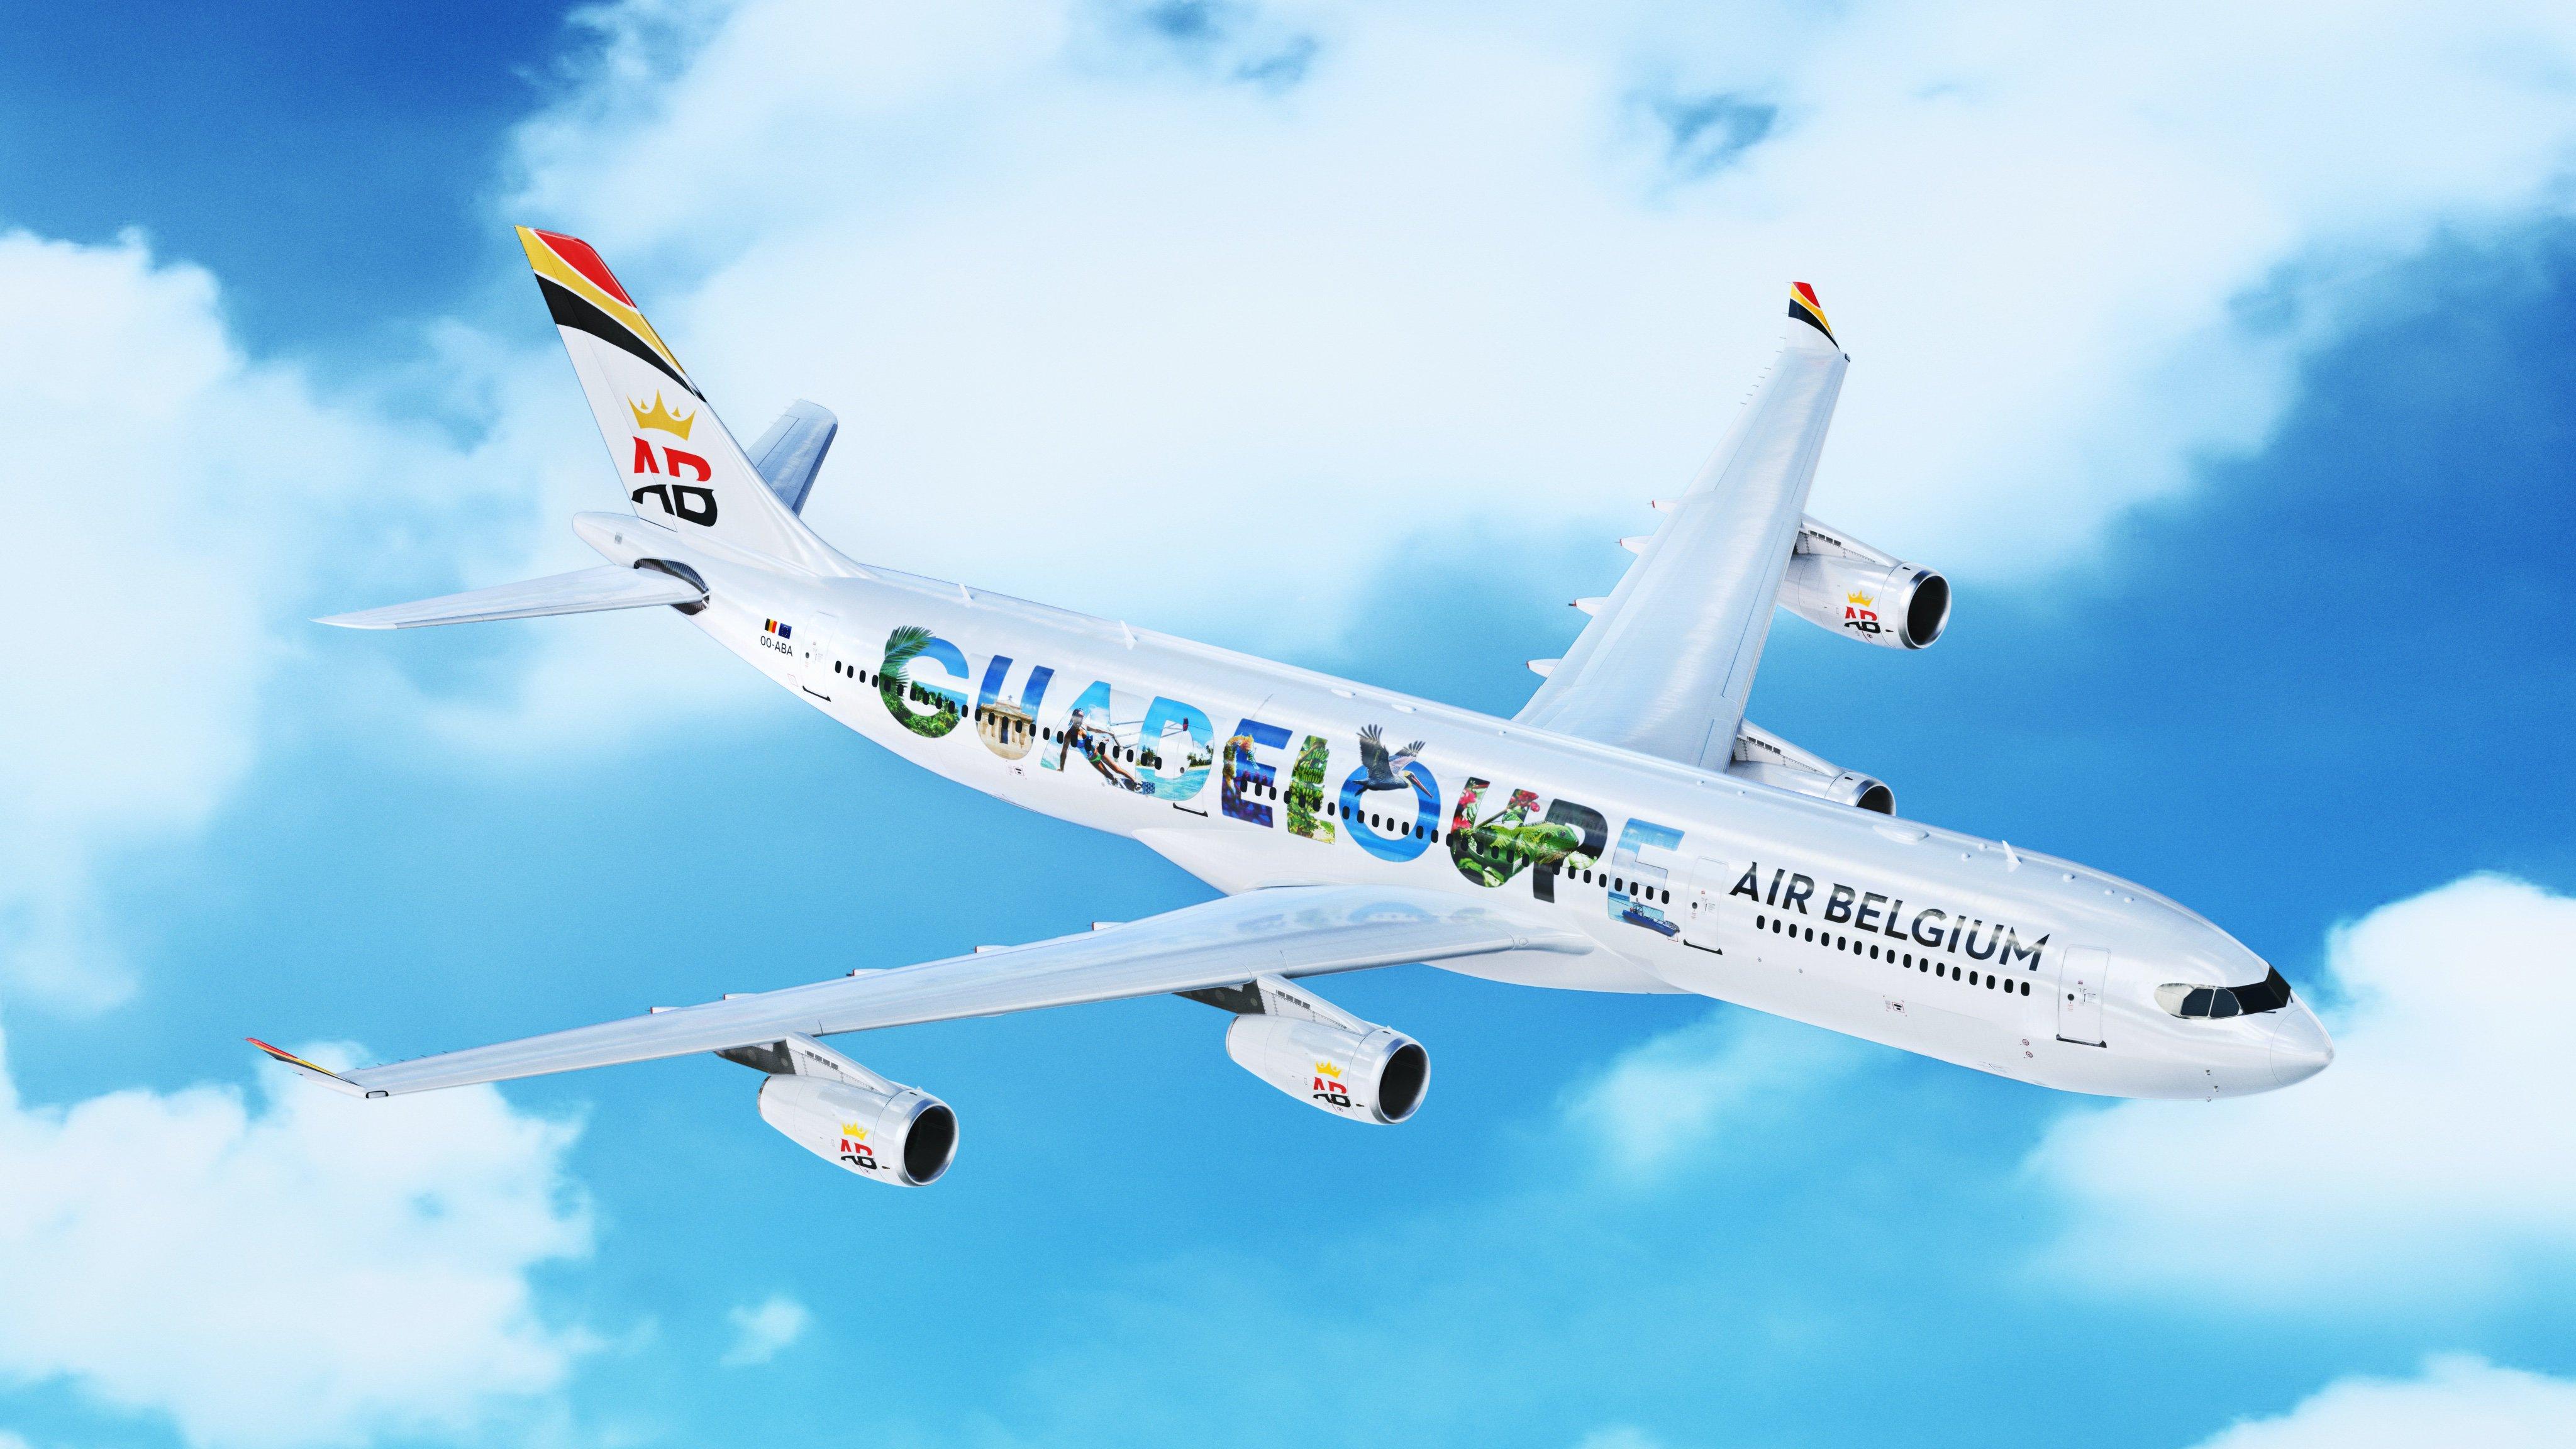 Desserte aérienne : Air Belgium met à l'honneur  la Guadeloupe et la Martinique pour son vol inaugural